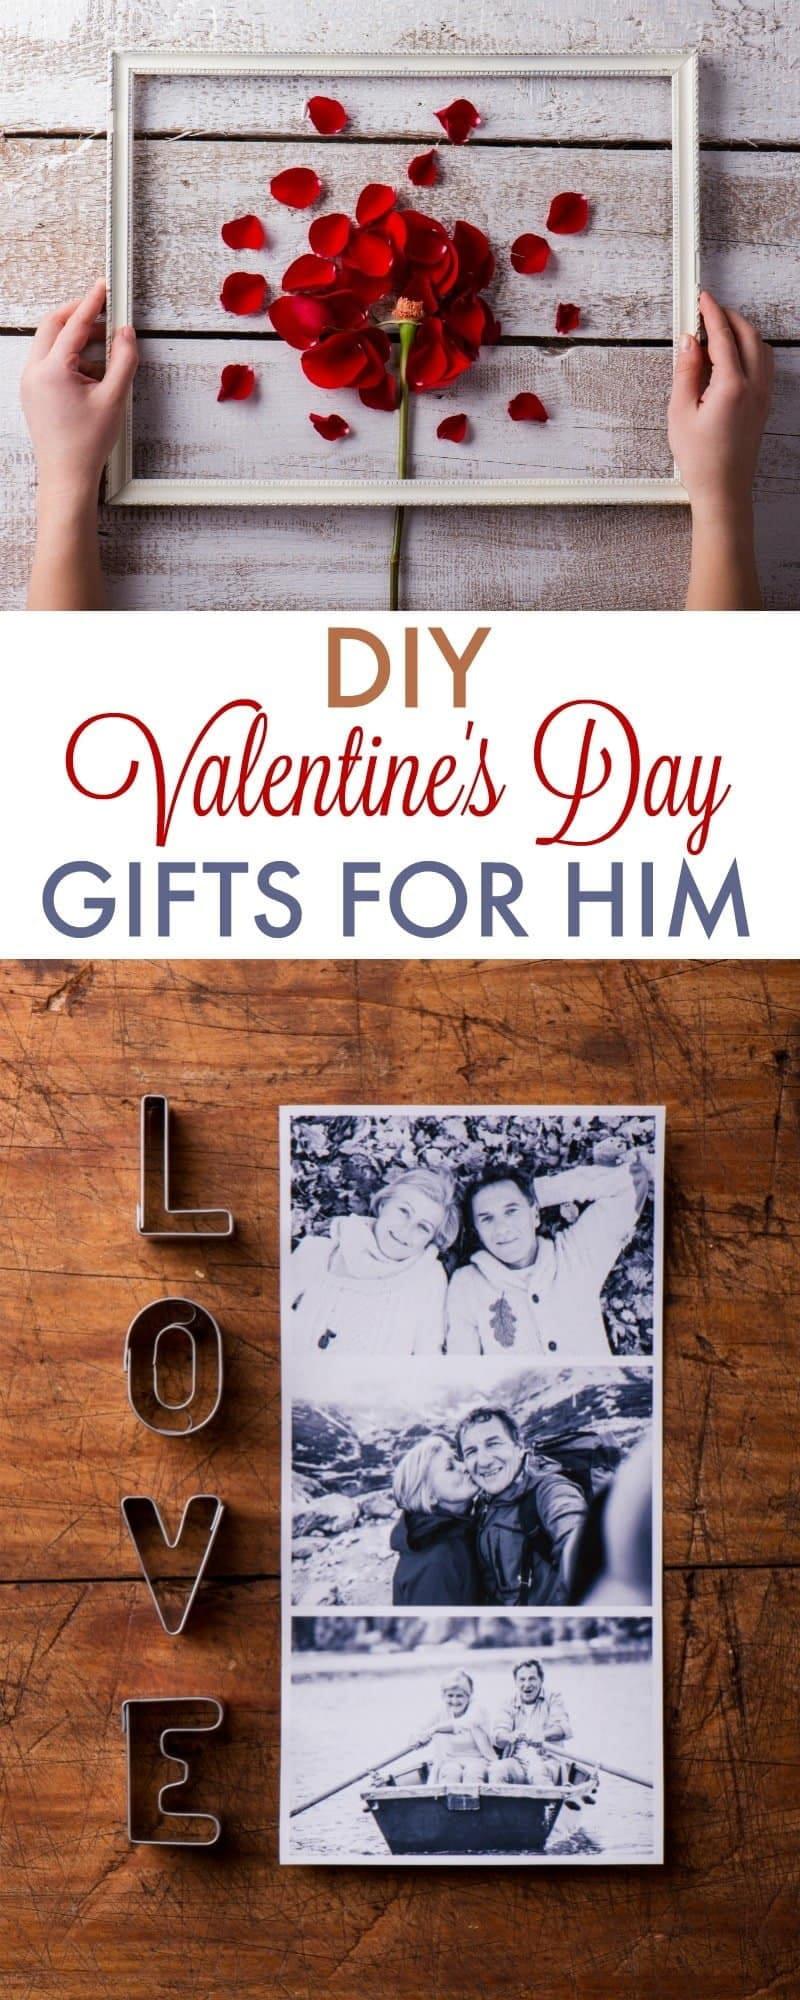 Cute Gift Ideas For Boyfriend  DIY Valentine s Day Gifts for Boyfriend 730 Sage Street